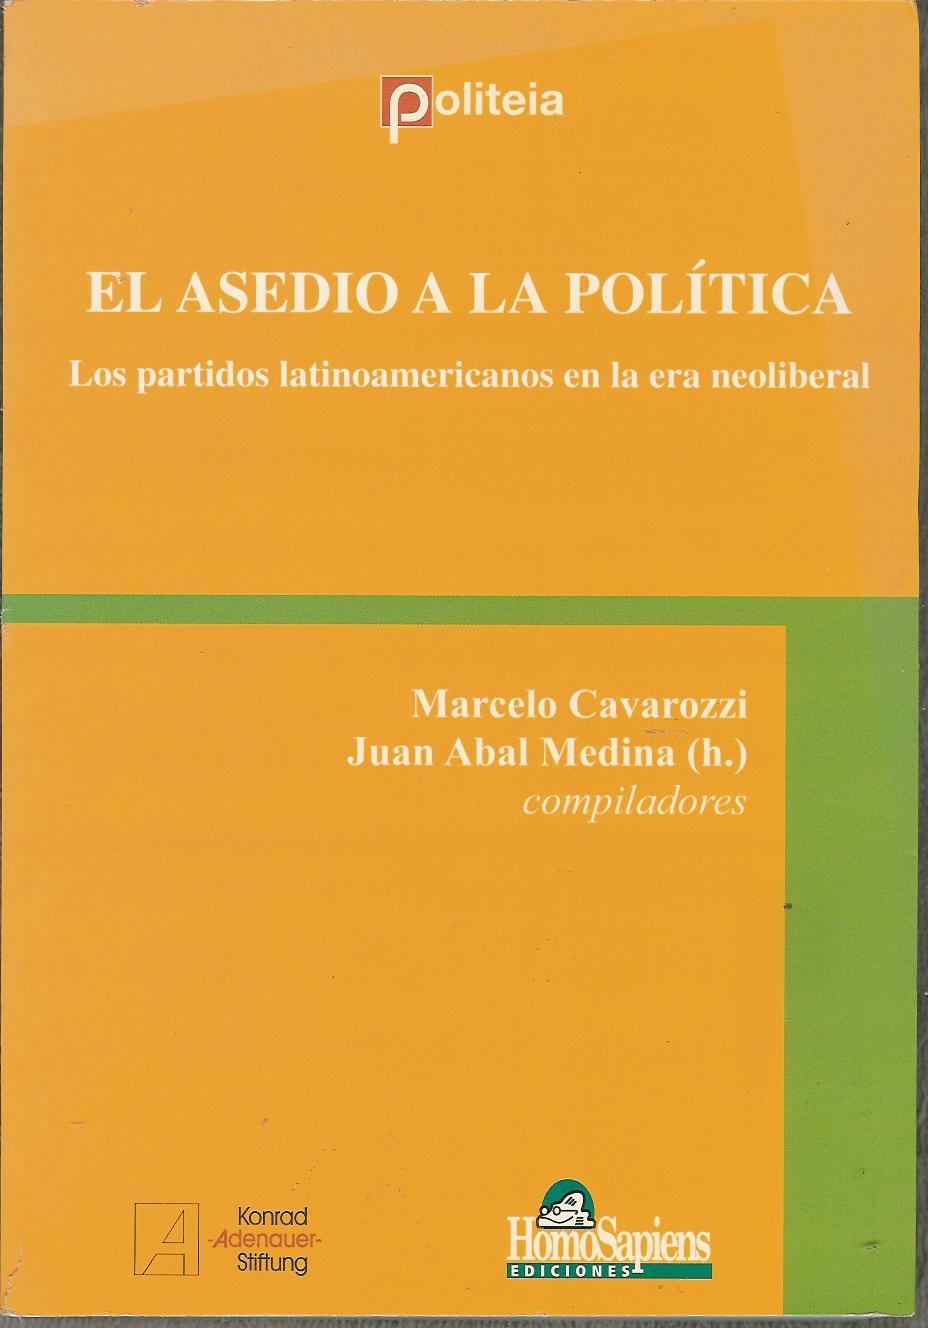 El asedio a la política. Los partidos latinoamericanos en la era neoliberal